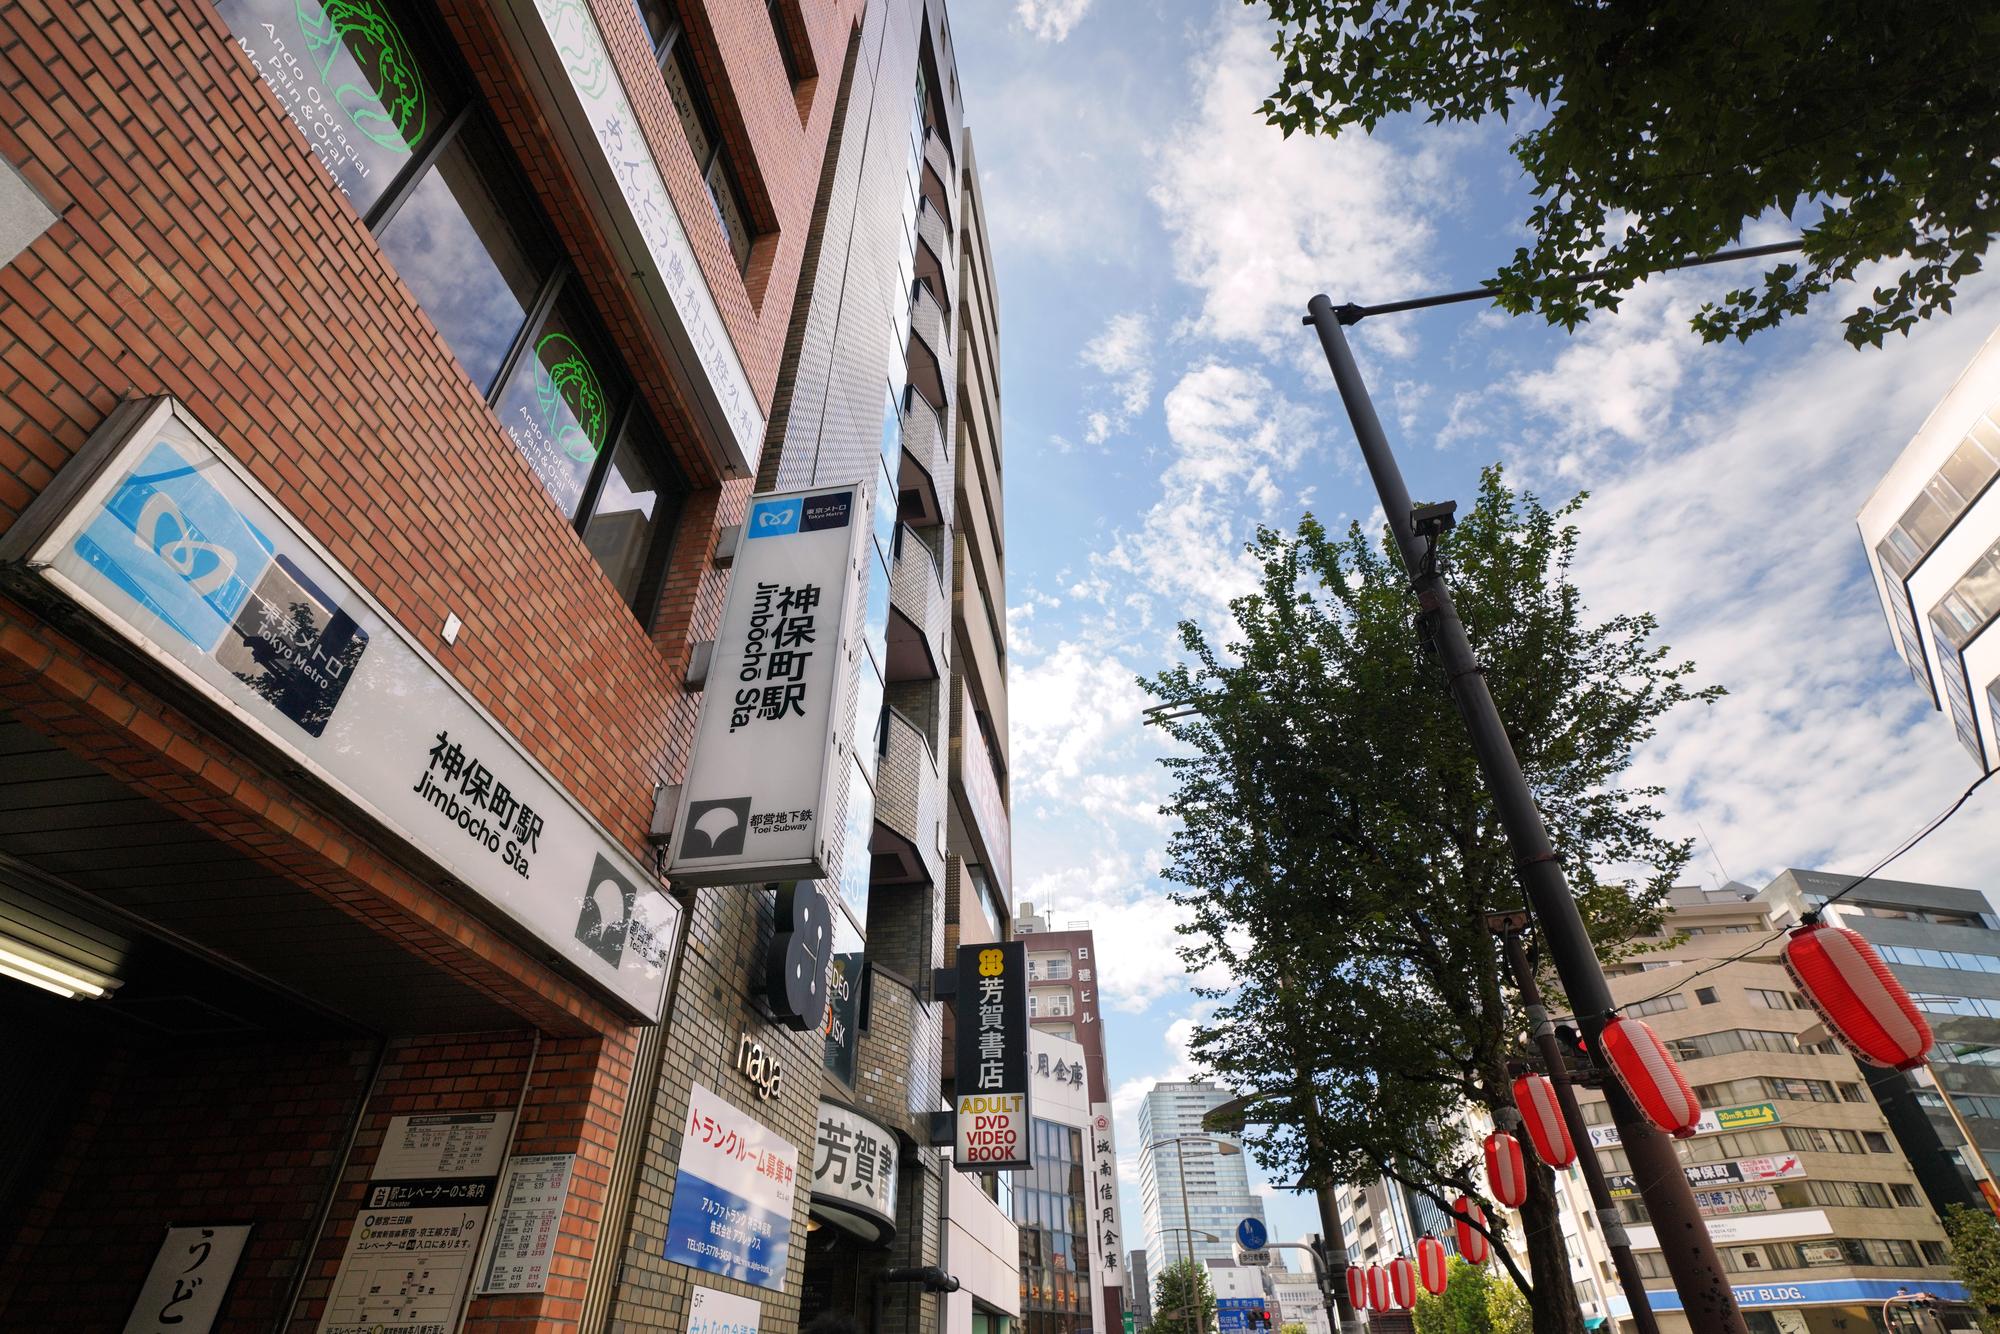 会議やオフサイトミーティングにぴったり!東京メトロ沿線駅近レンタルスペース4選|TIME SHARING|タイムシェアリング |スペースマネジメント|あどばる|adval|SHARING